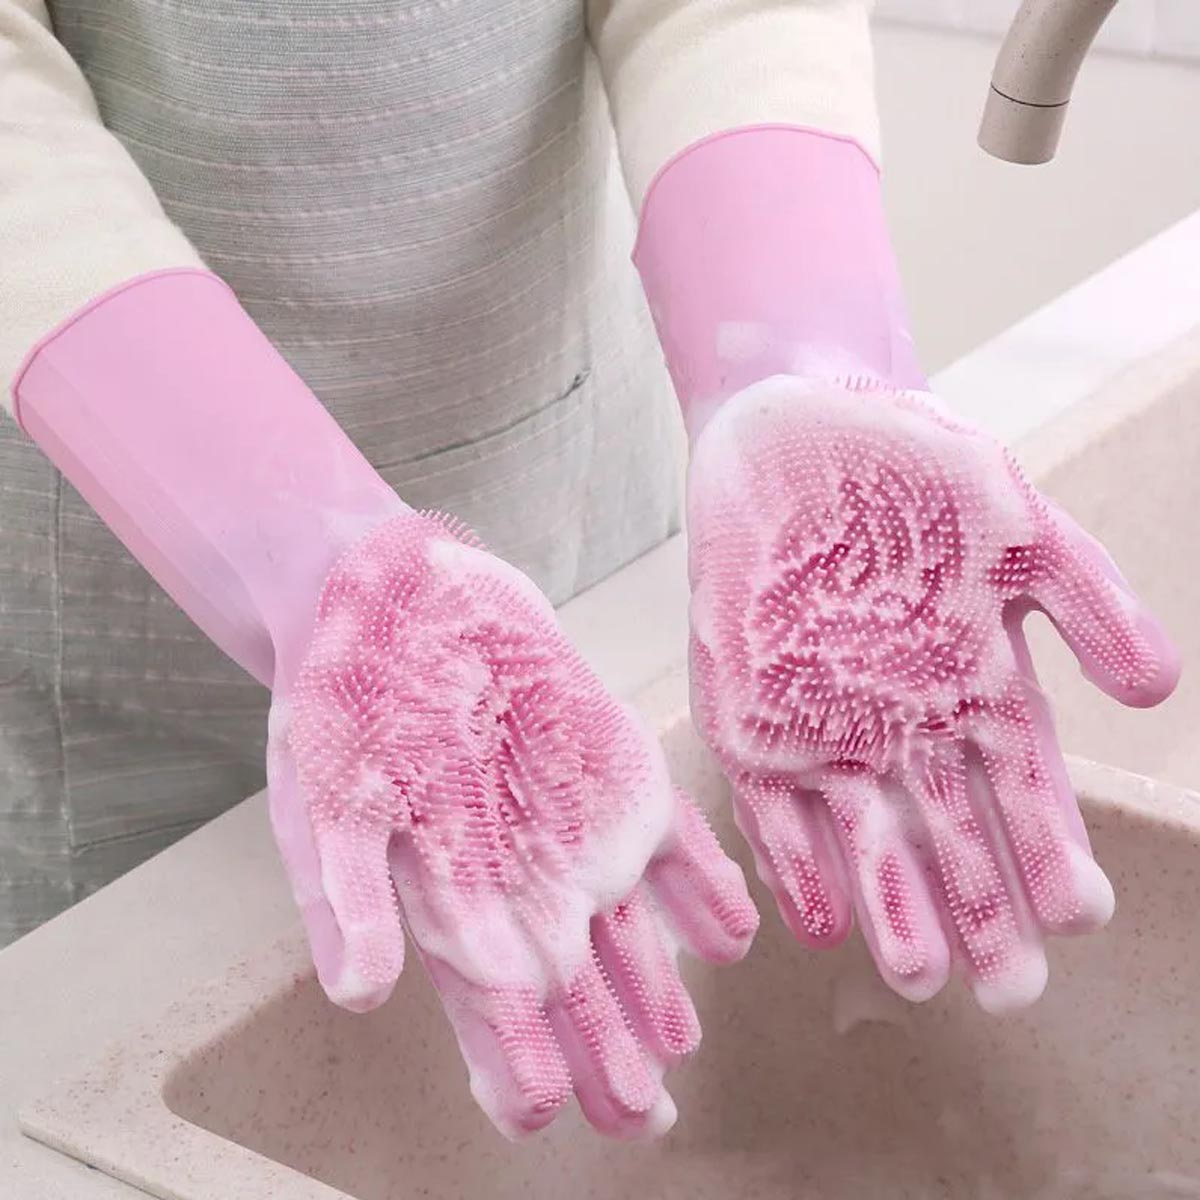 Luva De Silicone 123 Útil Para Lavar Louca E Limpeza Geral